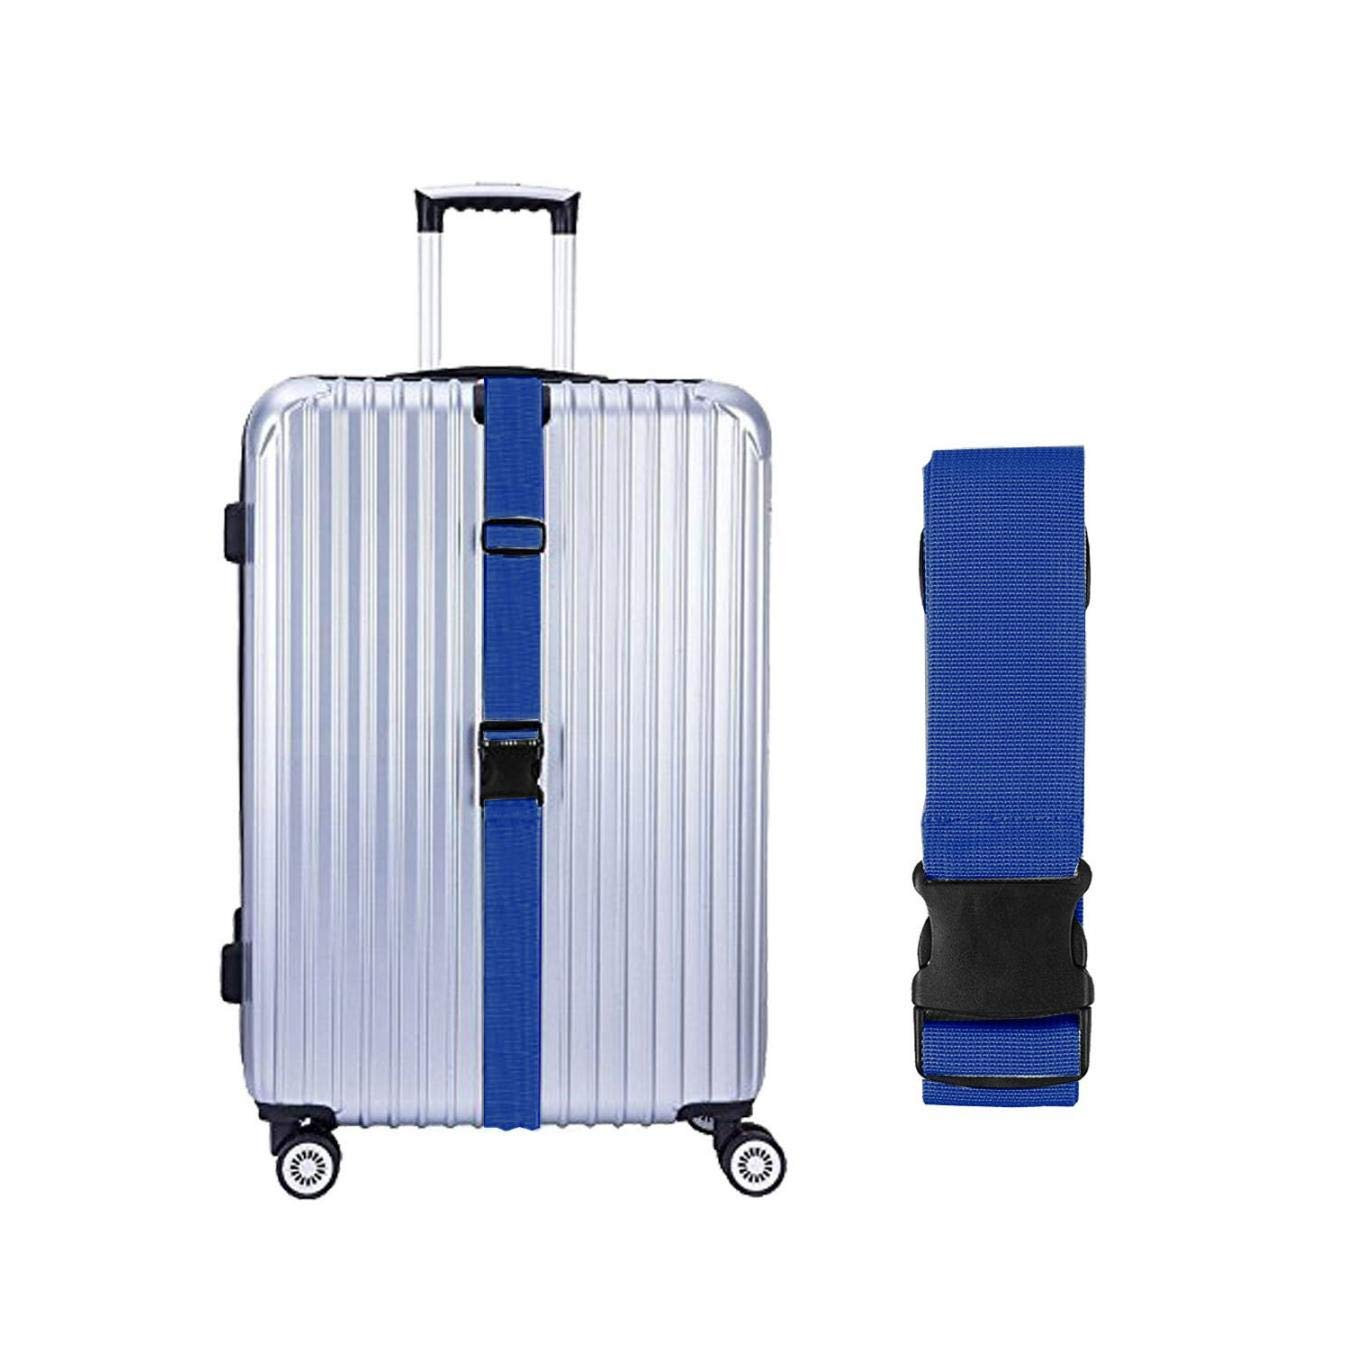 Zubeh/ör TSA Approved Koffergurt Koffer G/ürtel in 5 Farben verkauft in 1//2//4 Set blau 2 St/ück AMOYER Koffergurte